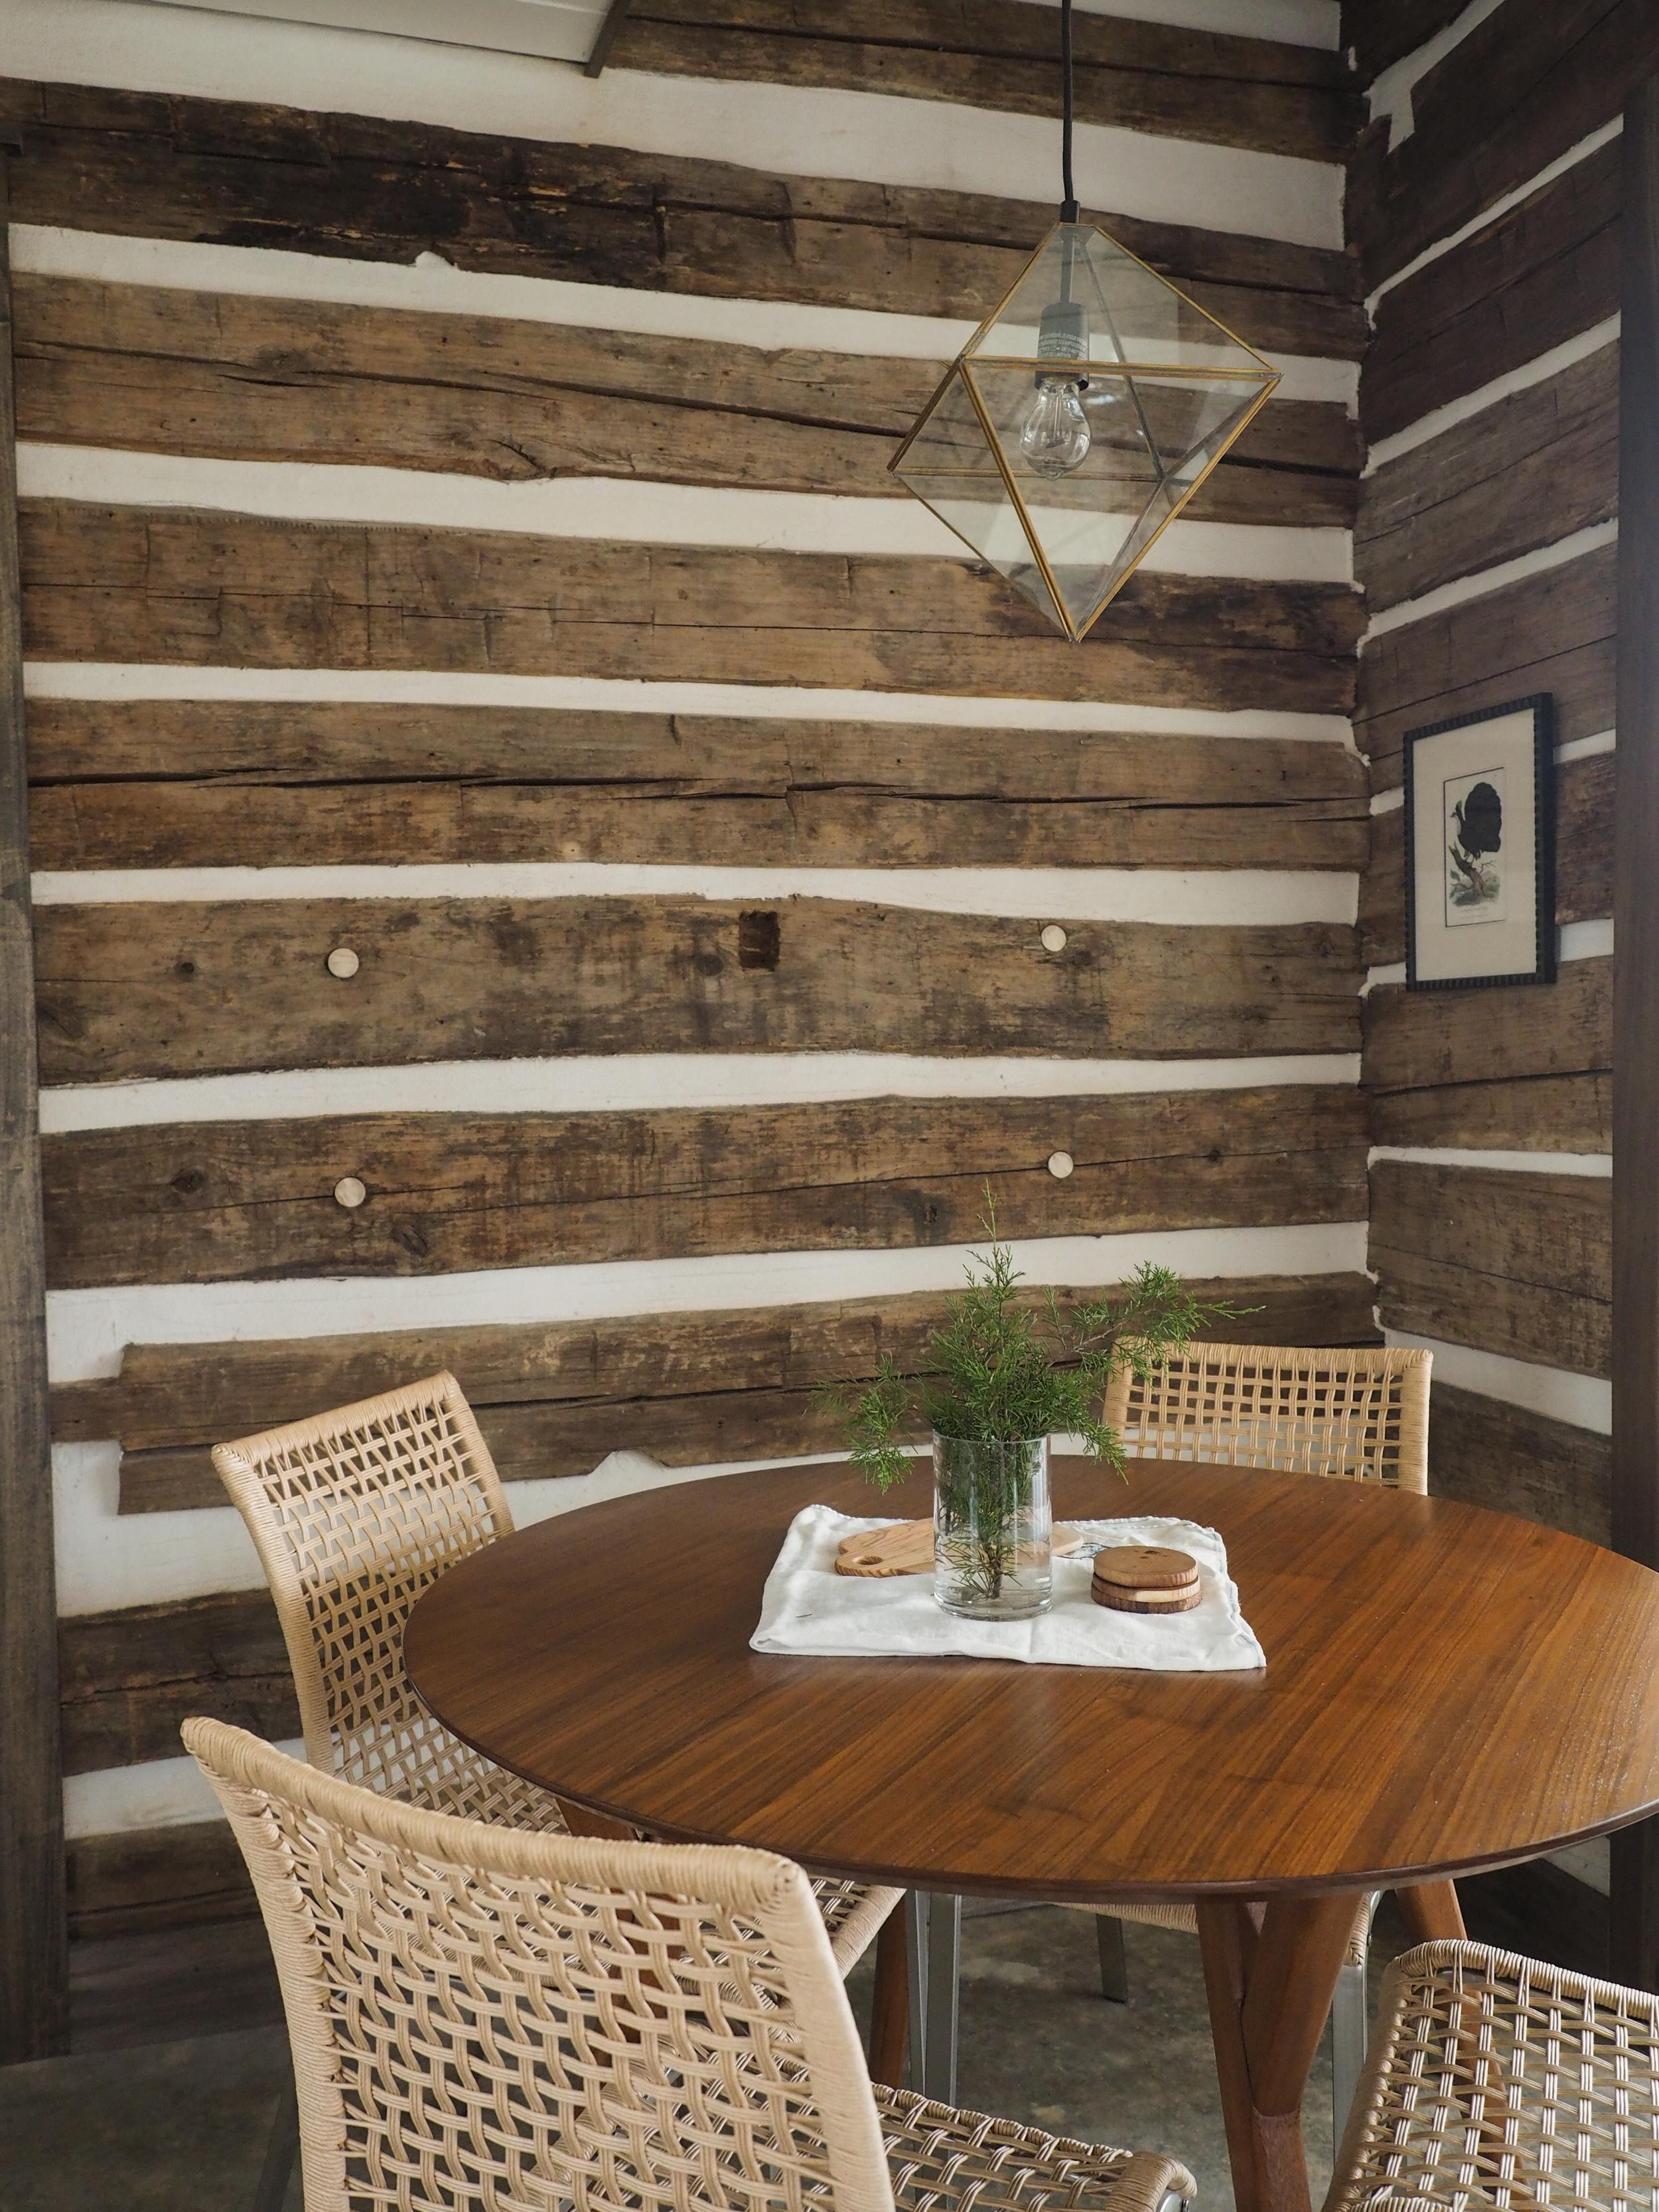 Reardenstein Kitchen (14 of 15).jpg